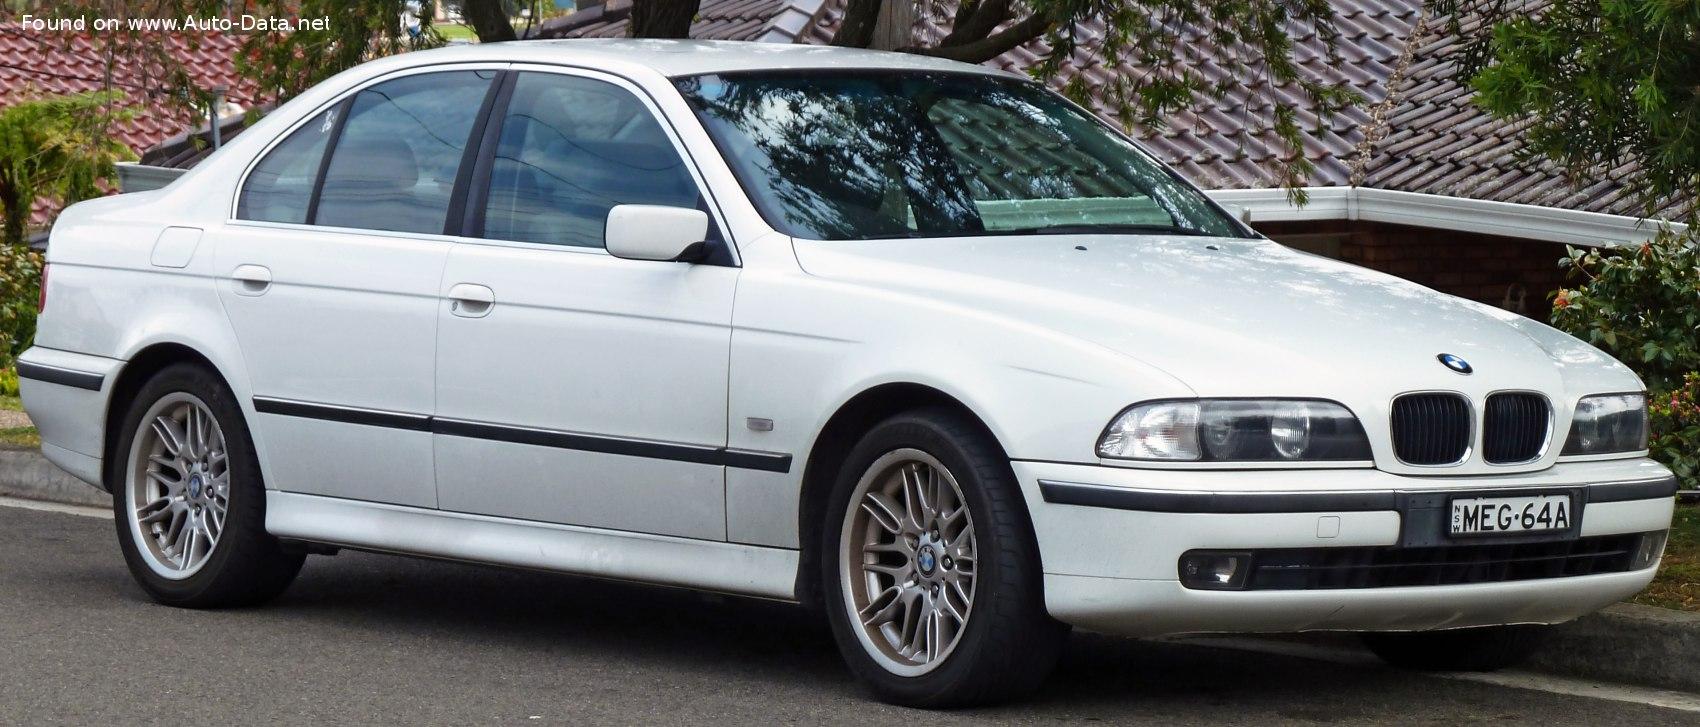 1998 Bmw 5 Series E39 528i 193 Hp Technical Specs Data Fuel Consumption Dimensions